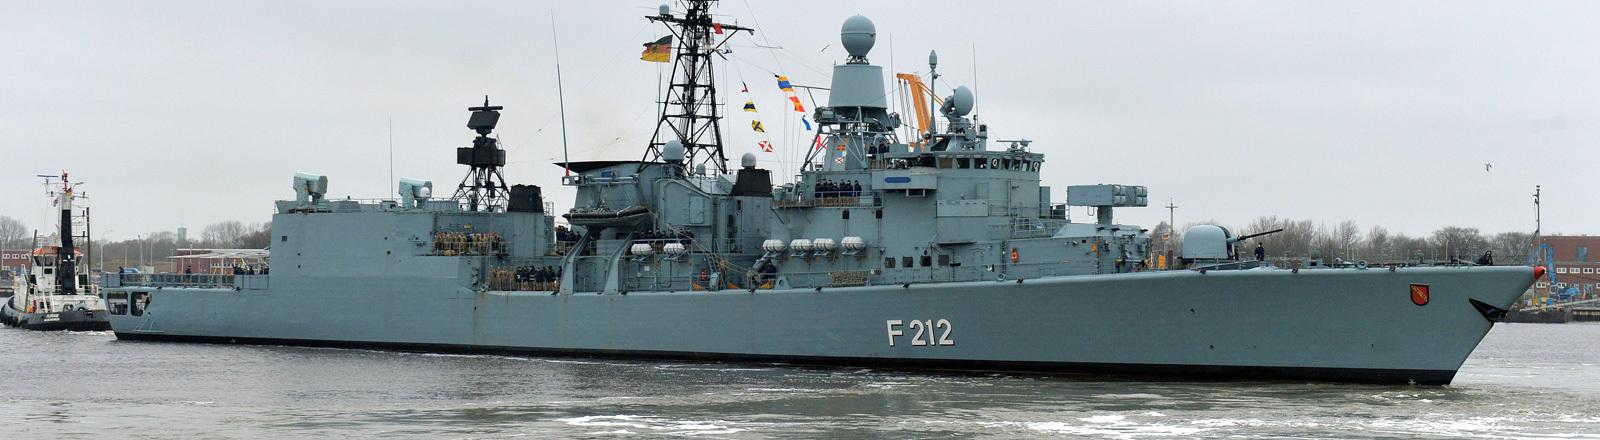 Fregatte Karlsruhe soll bei Bundeswehrsprengtests zum Einsatz kommen.